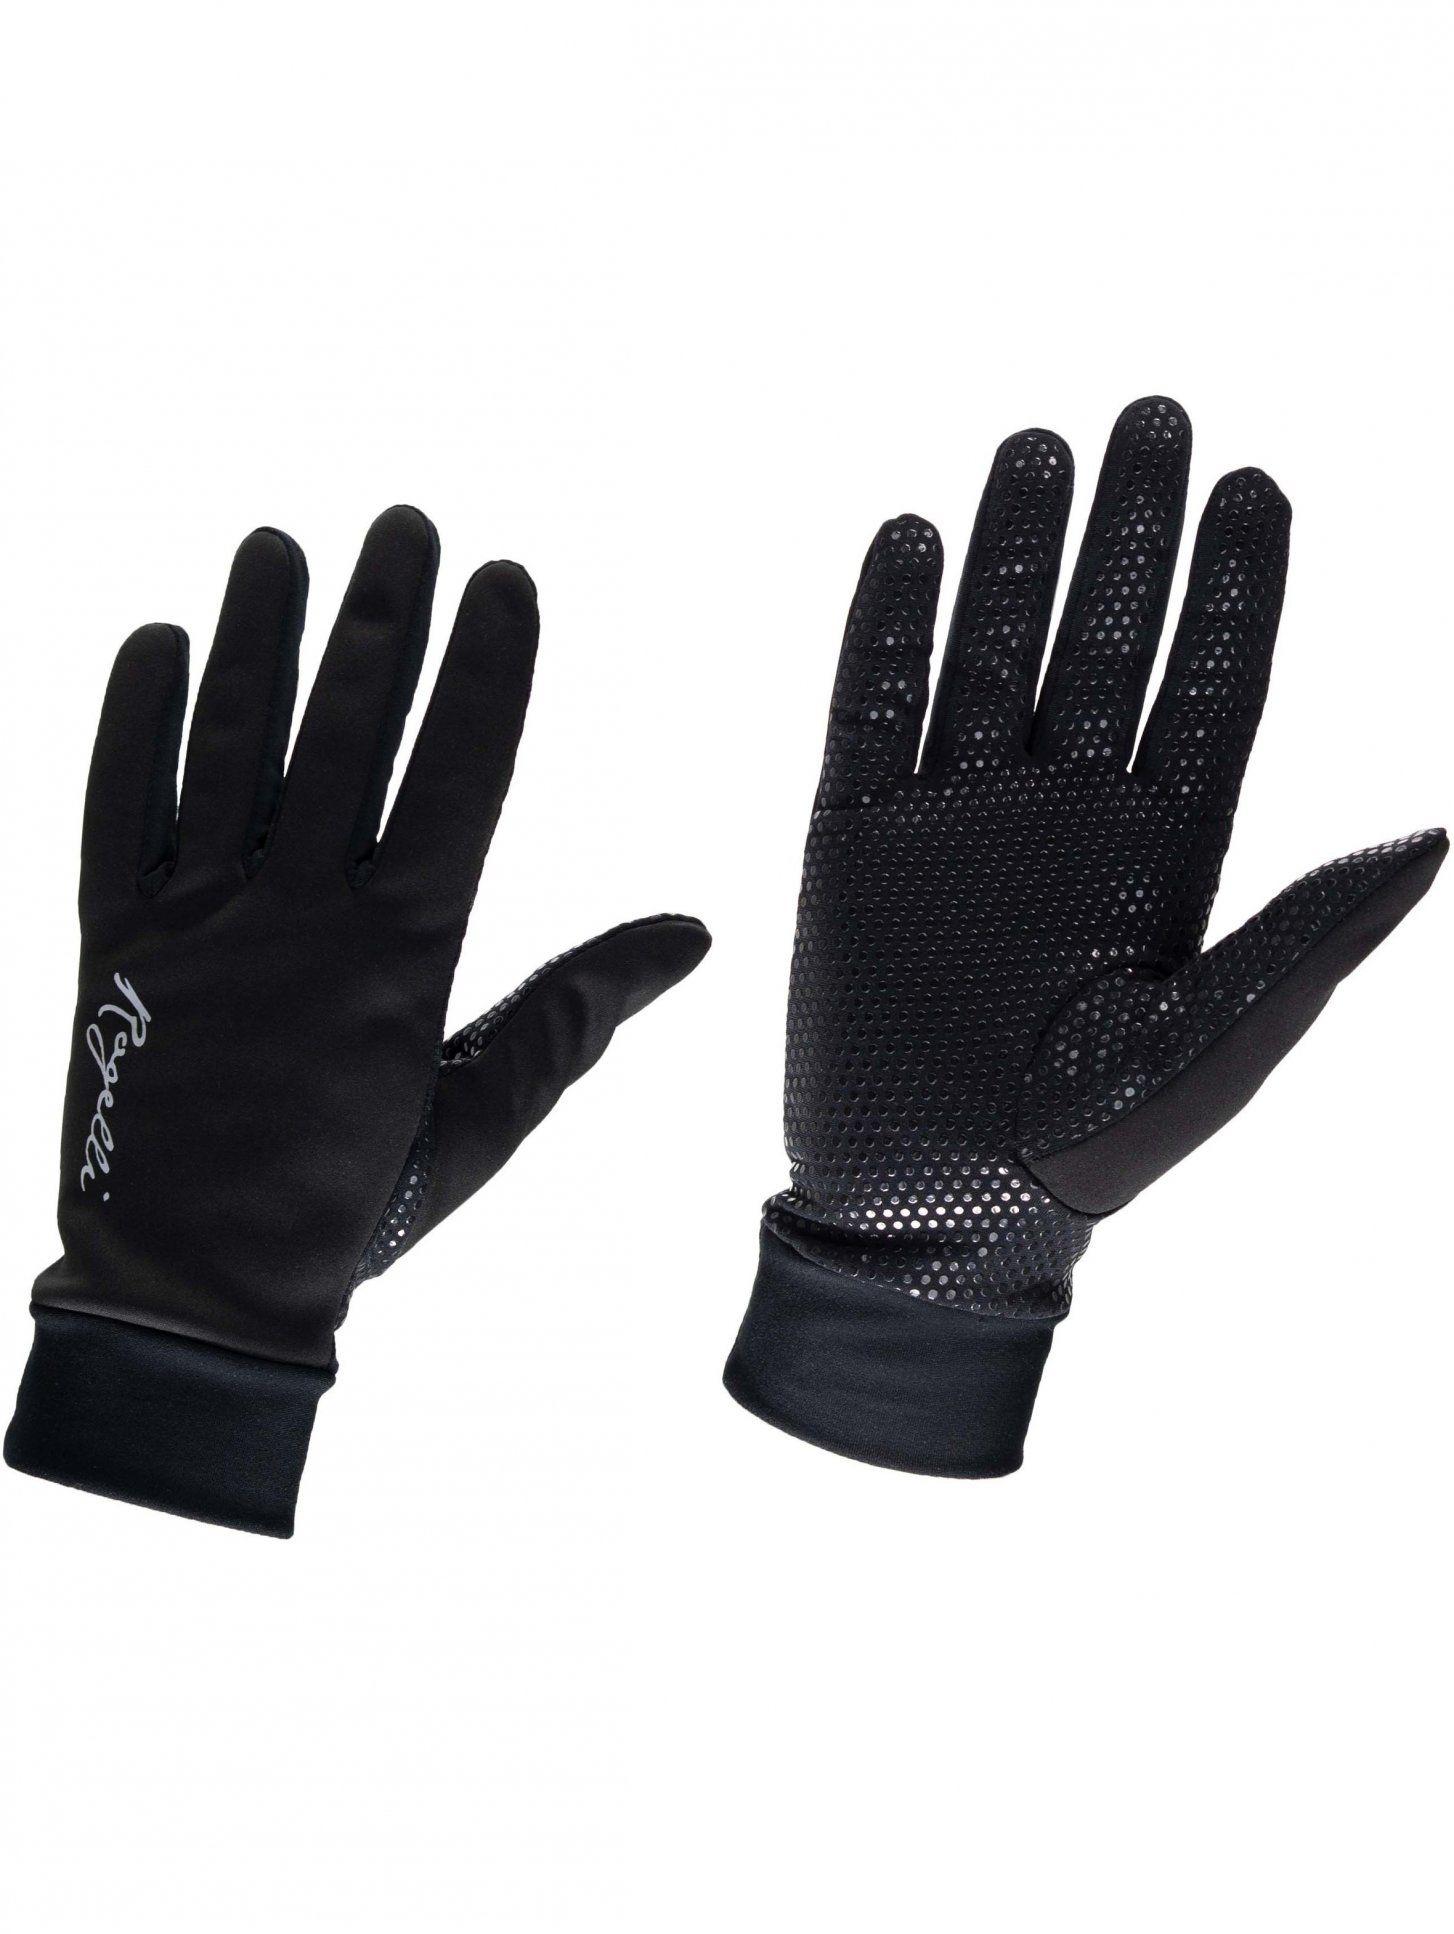 ROGELLI LAVAL Damskie zimowe rękawiczki Czarne 010.661 Rozmiar: XL,ROGELLI LAVAL 010.661